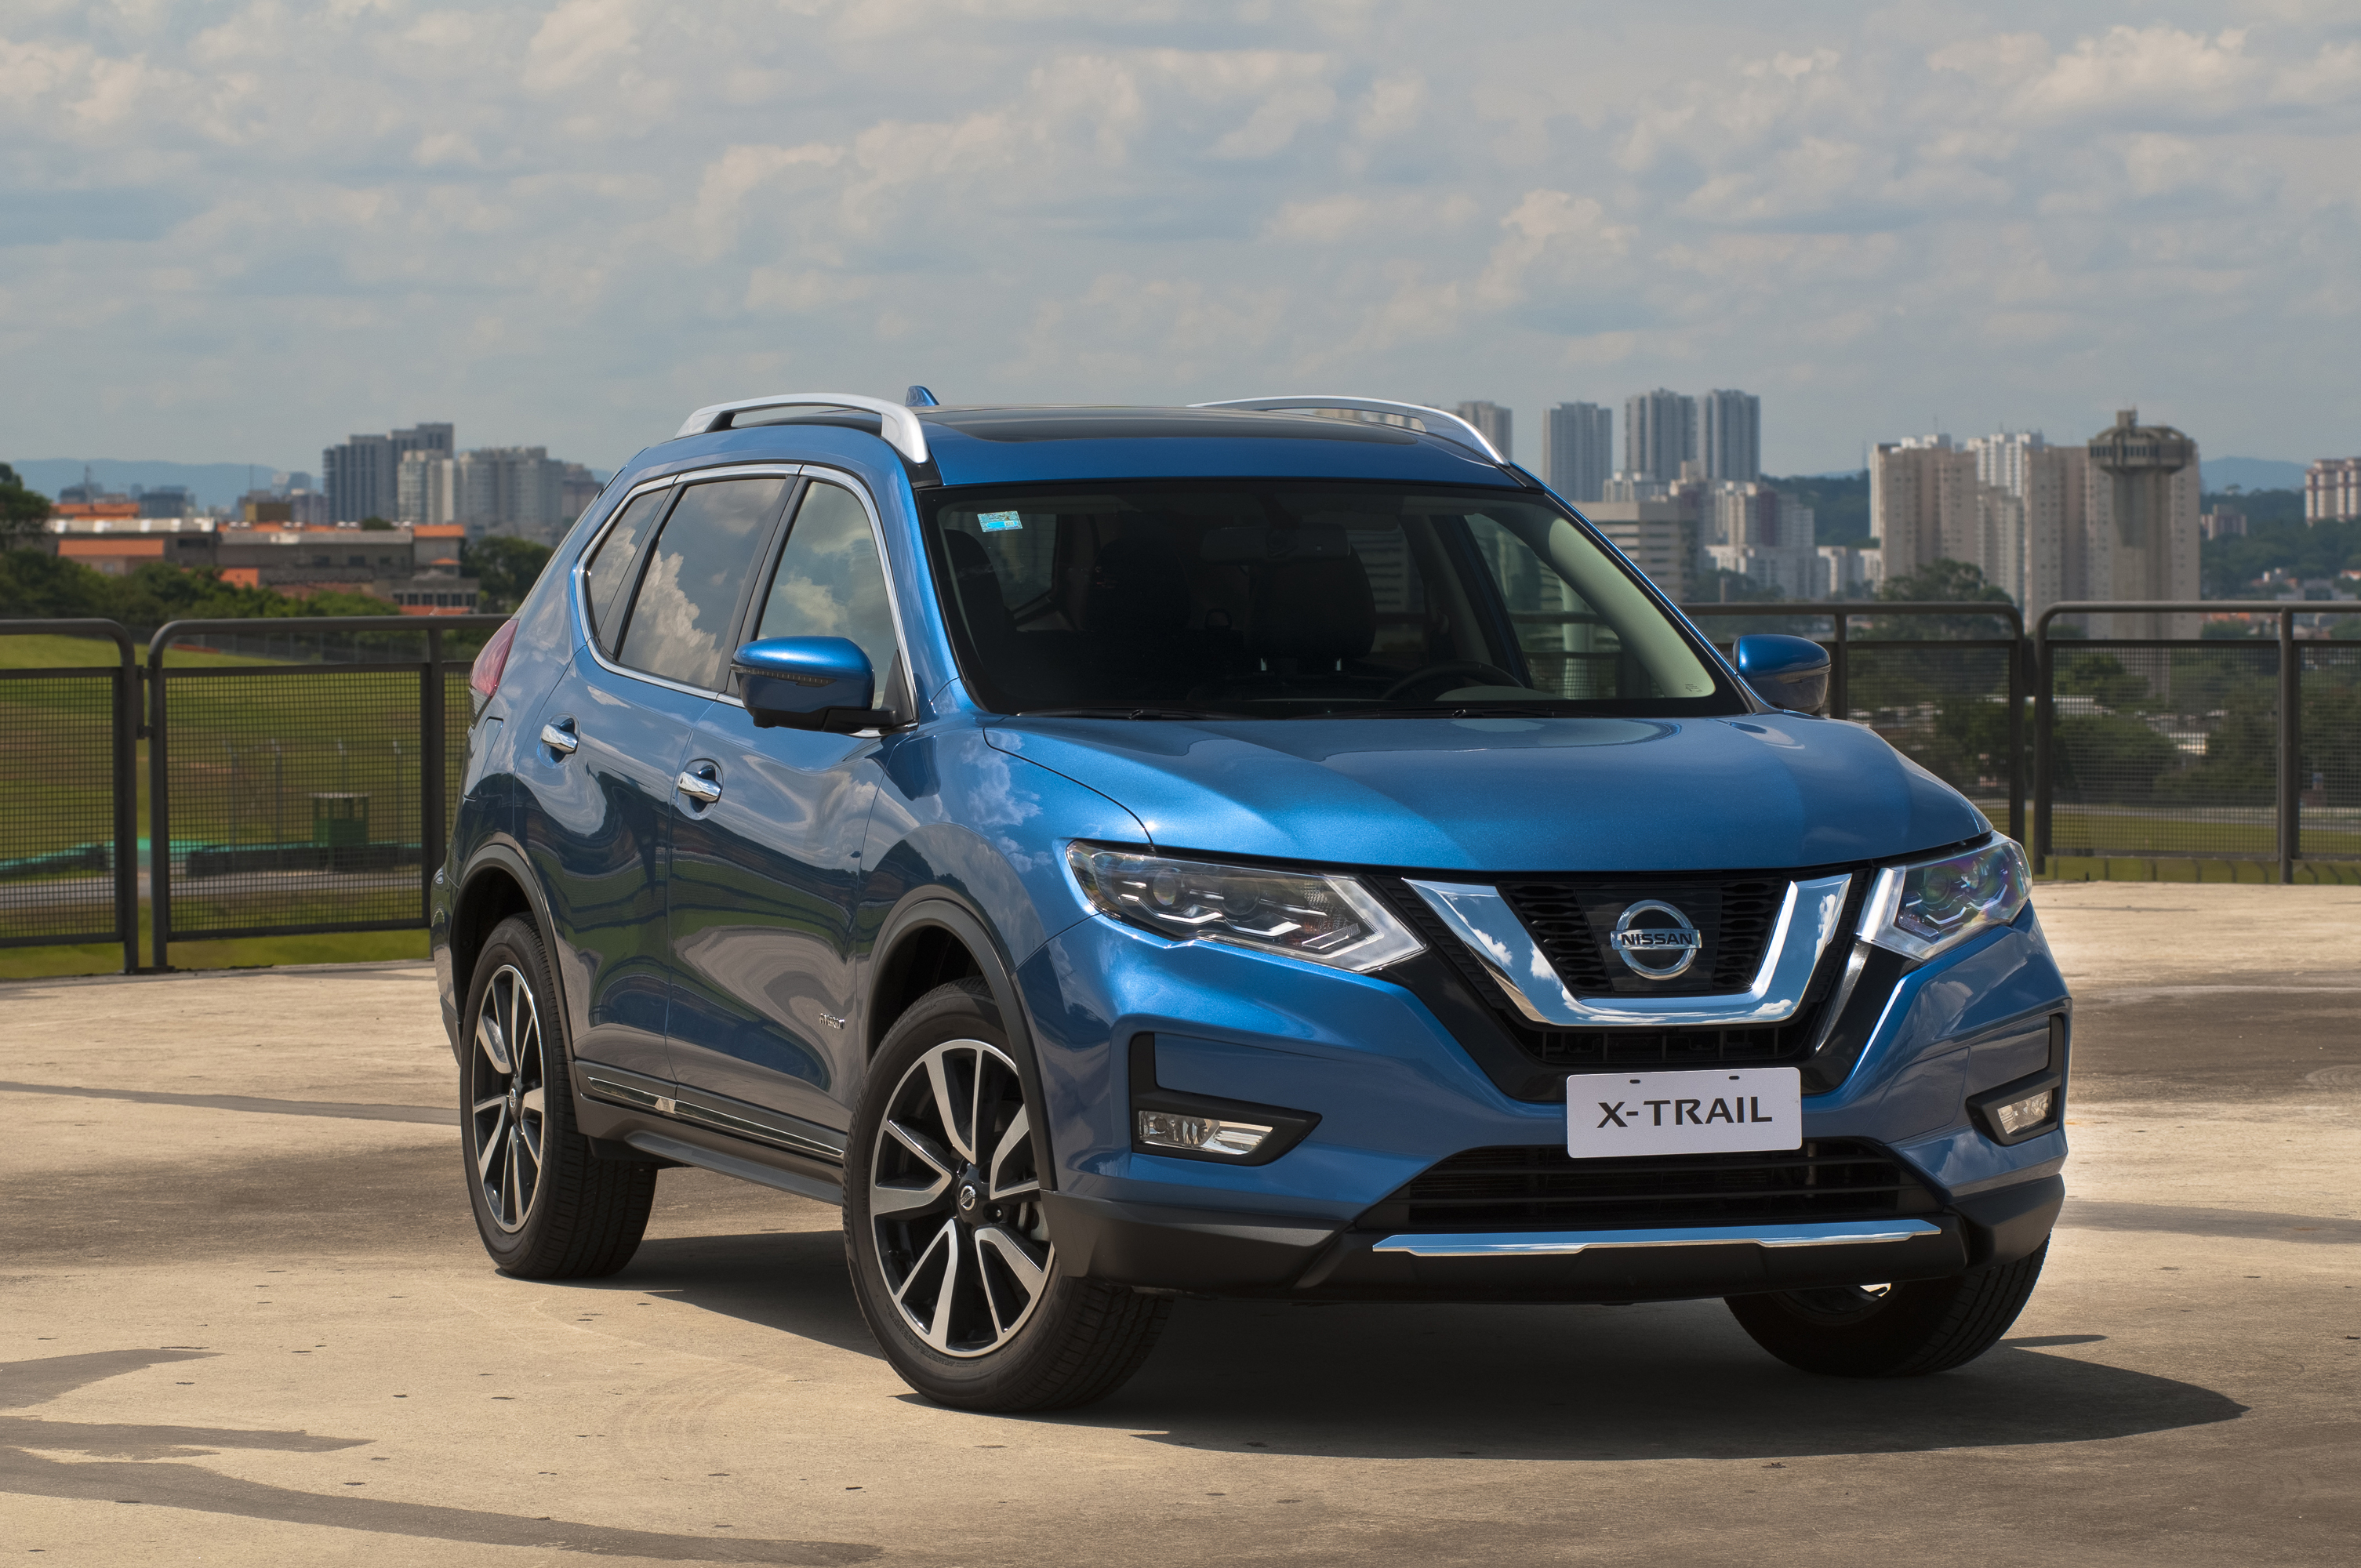 Обои для рабочего стола Nissan 2019 X-Trail Hybrid Latam Гибридный автомобиль голубая авто 3011x2000 Ниссан голубых голубые Голубой машина машины автомобиль Автомобили